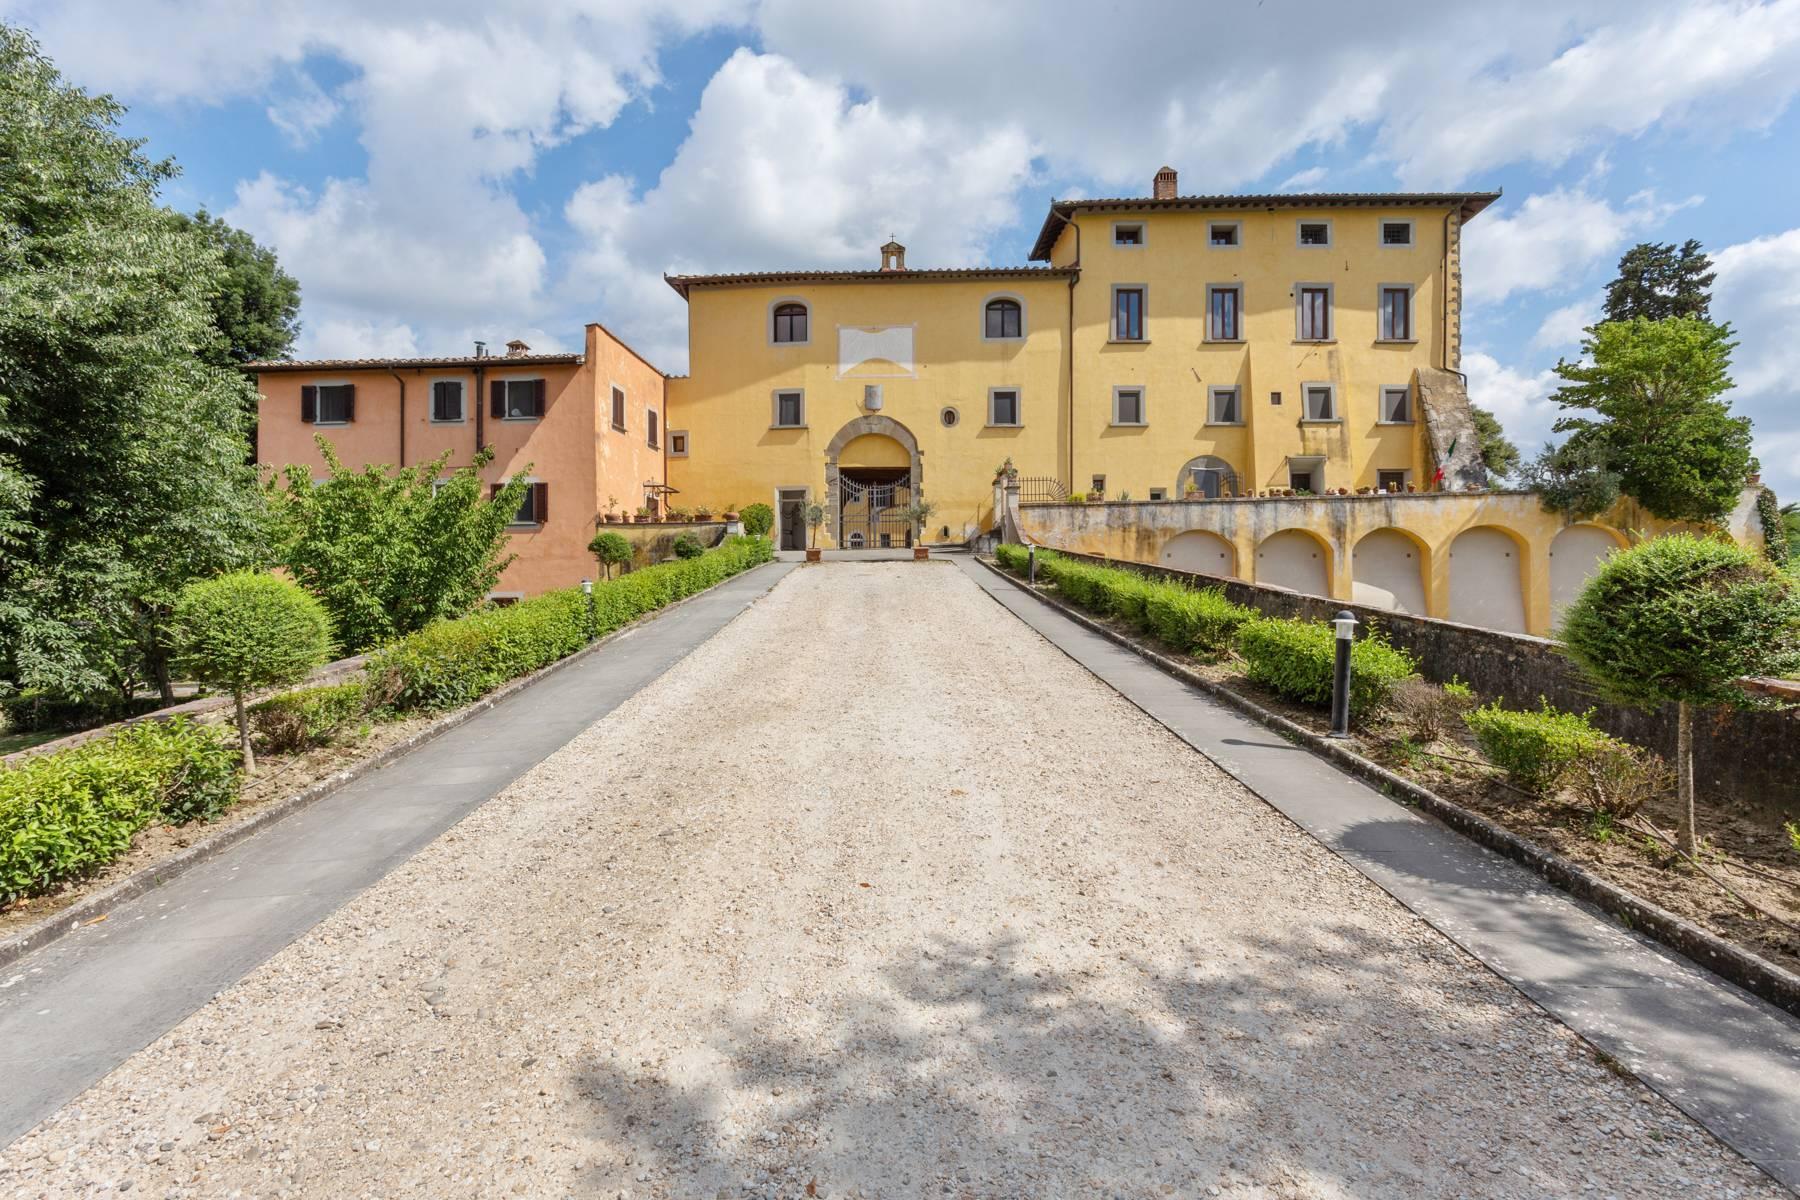 Schöne Wohnung in historischer Villa aus dem 16. Jahrhundert mit Garten - 19